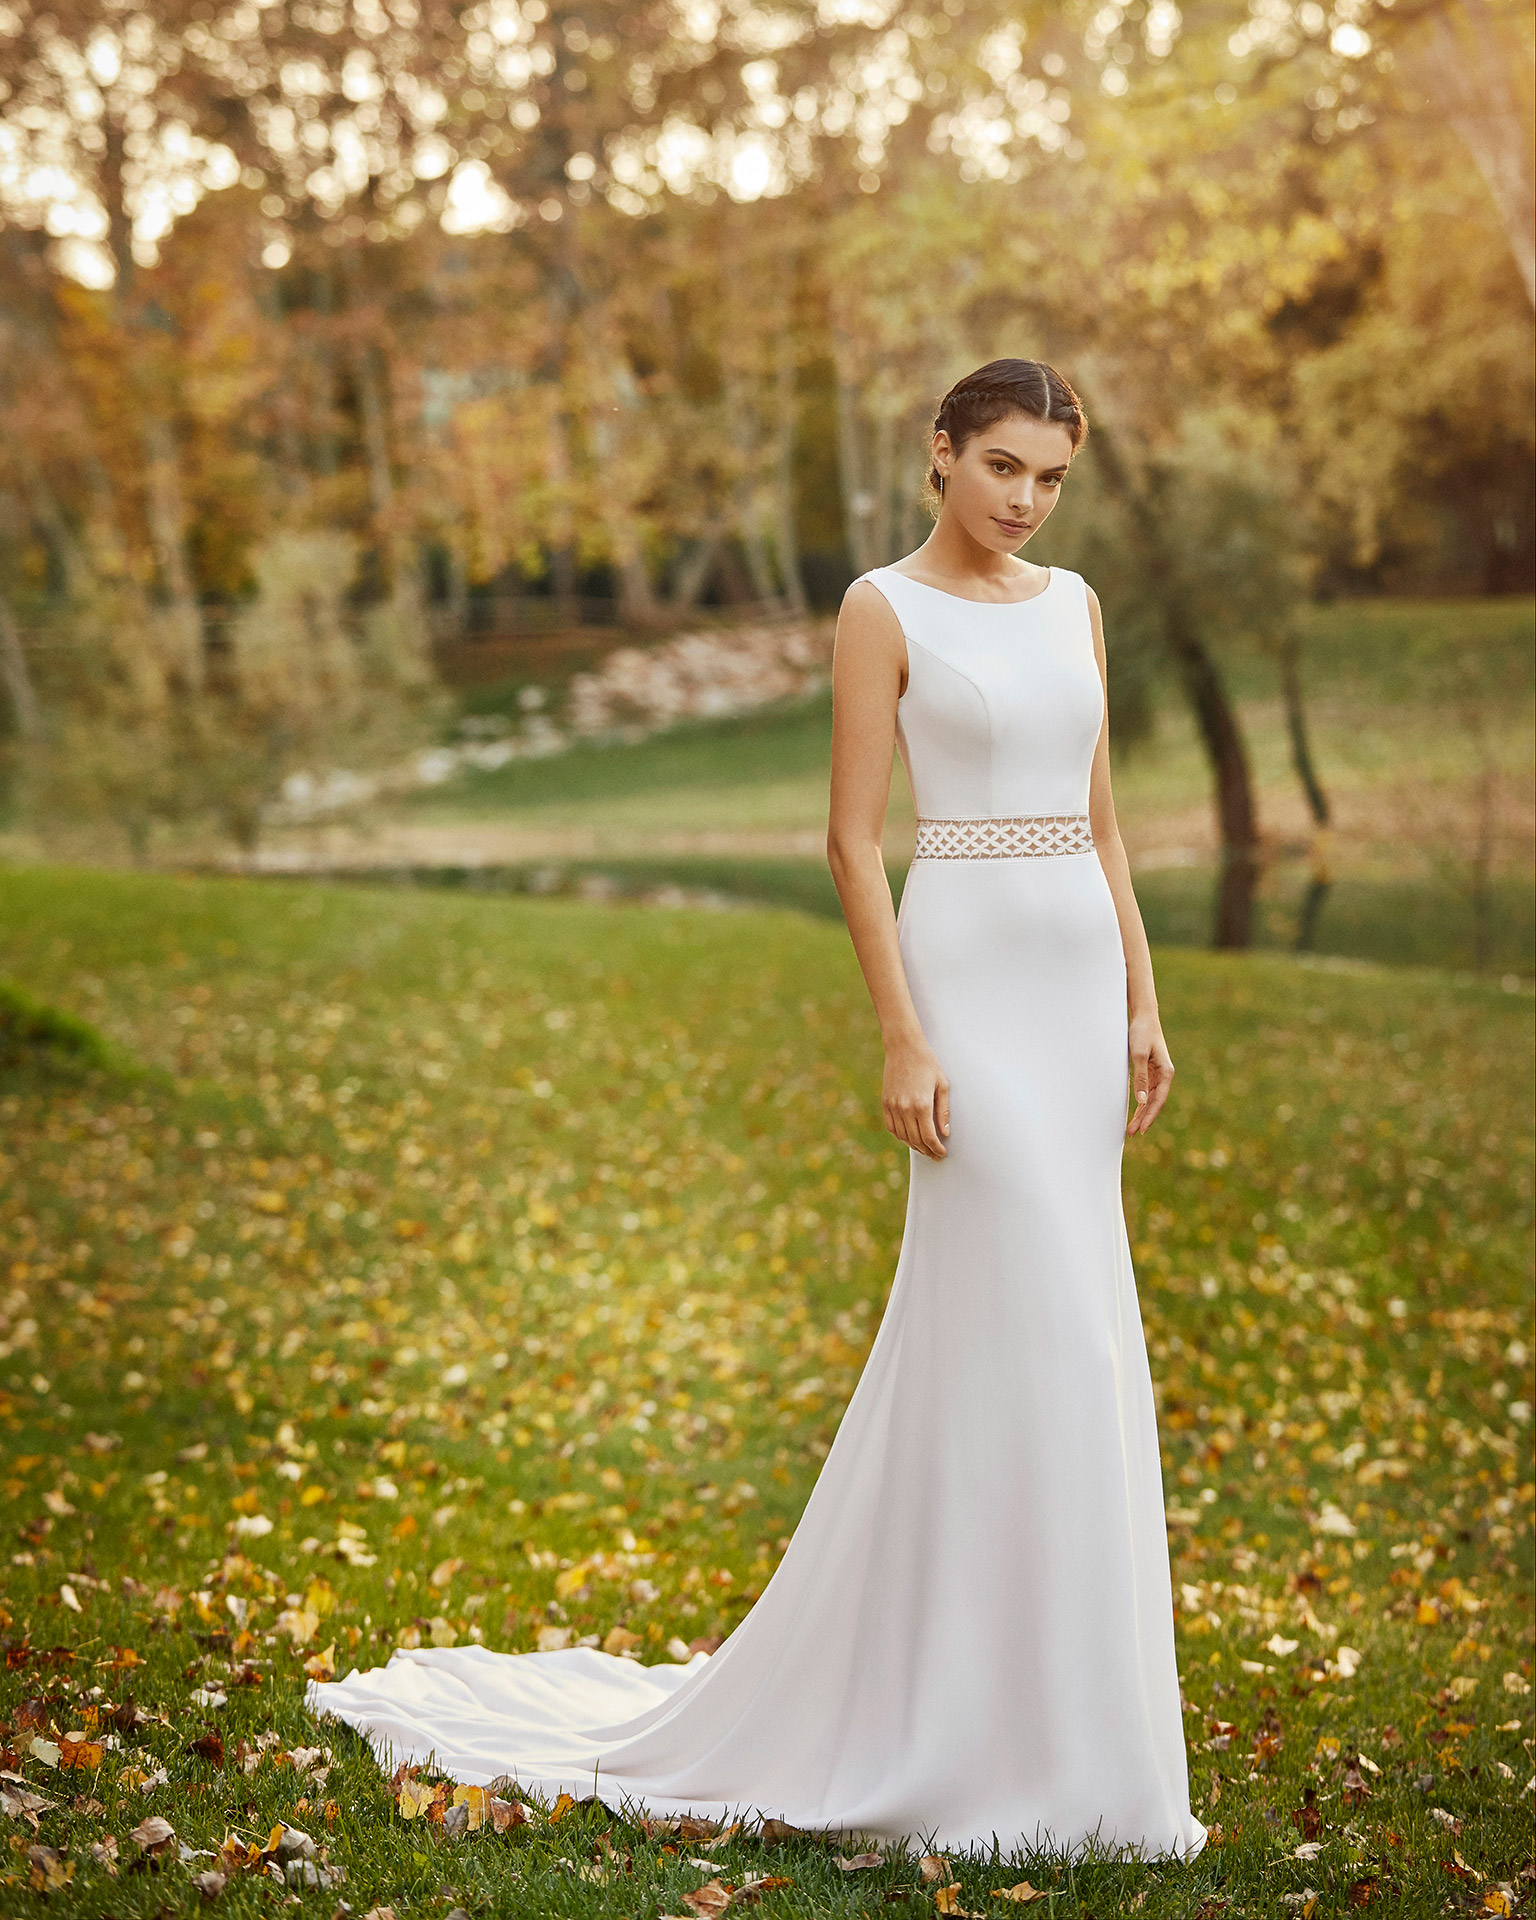 Vestido de novia elegante de crepe y encaje con escote barco y espalda escotada. Colección ALMA_NOVIA 2020.